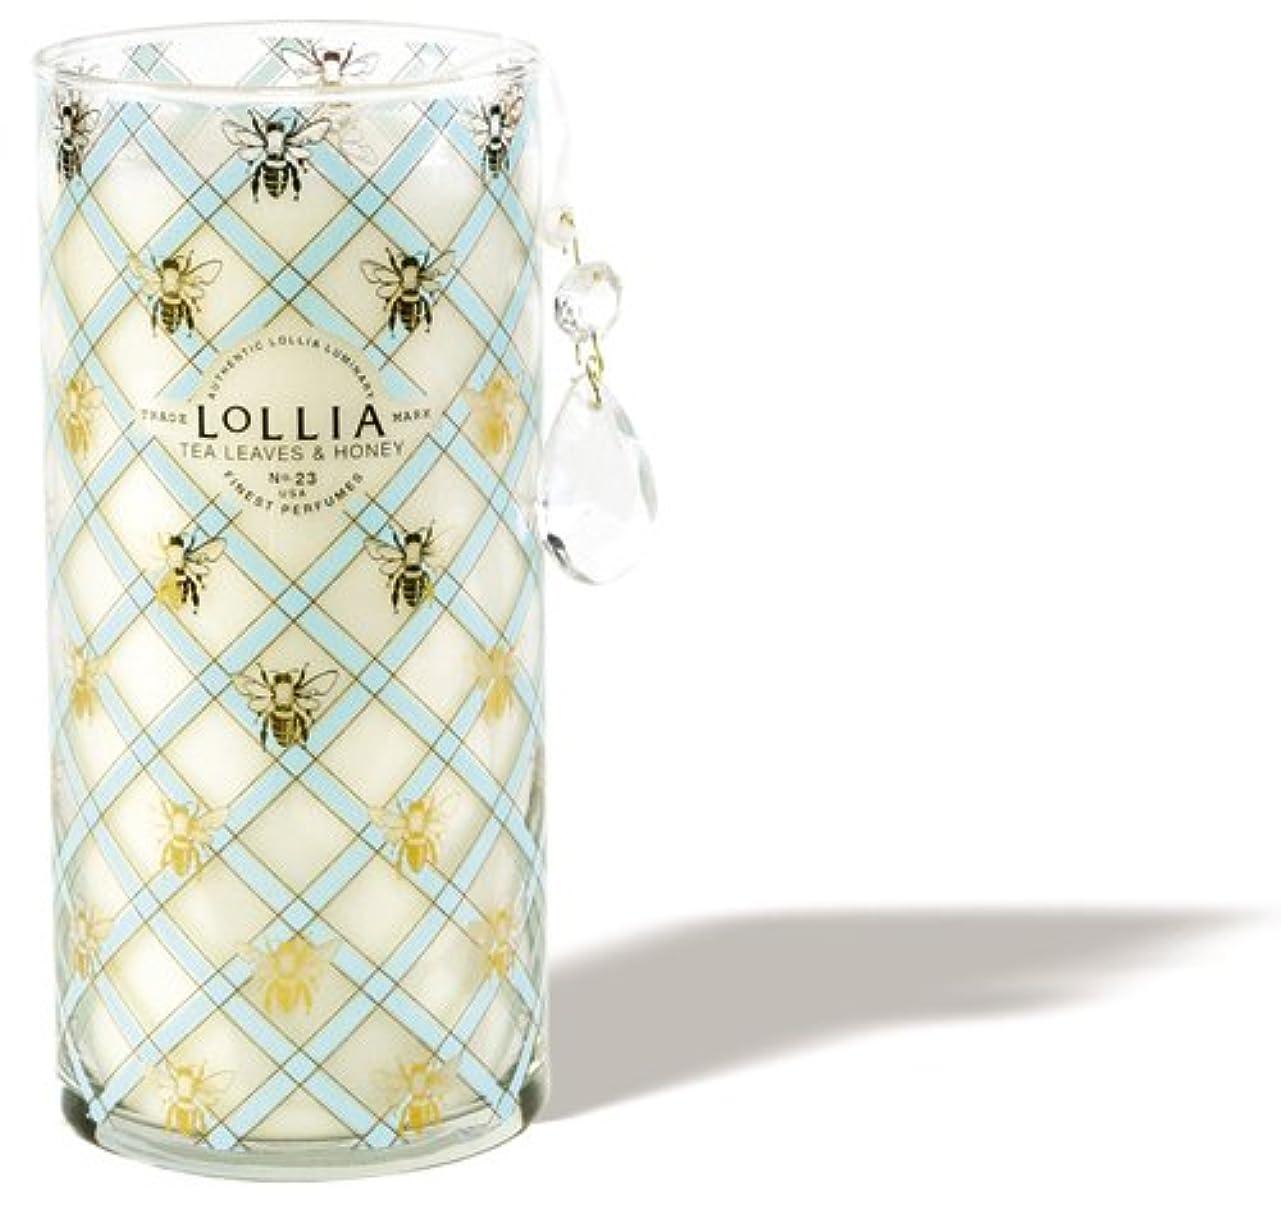 じゃない上下する団結するロリア(LoLLIA) トールパフュームドルミナリー790g Wish(チャーム付キャンドル ティーリーフ&ハニーの香り)